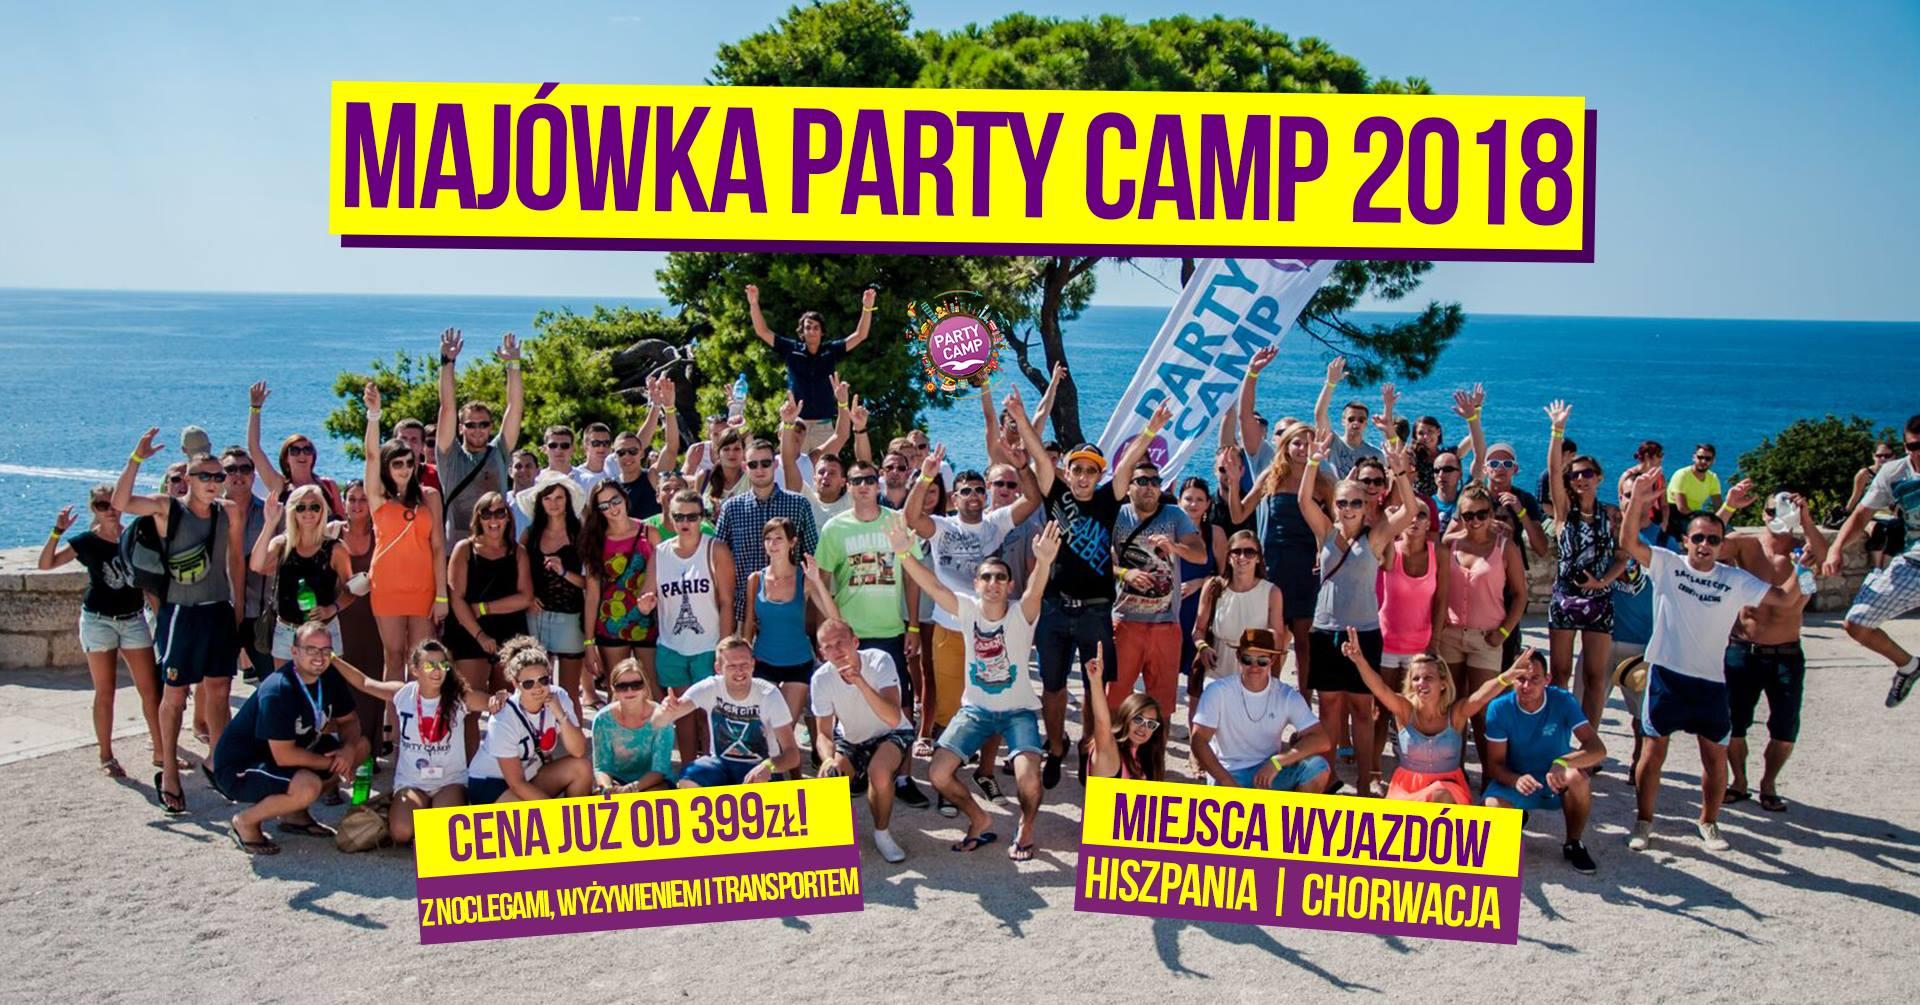 Majówka 2018 Chorwacja i Hiszpania